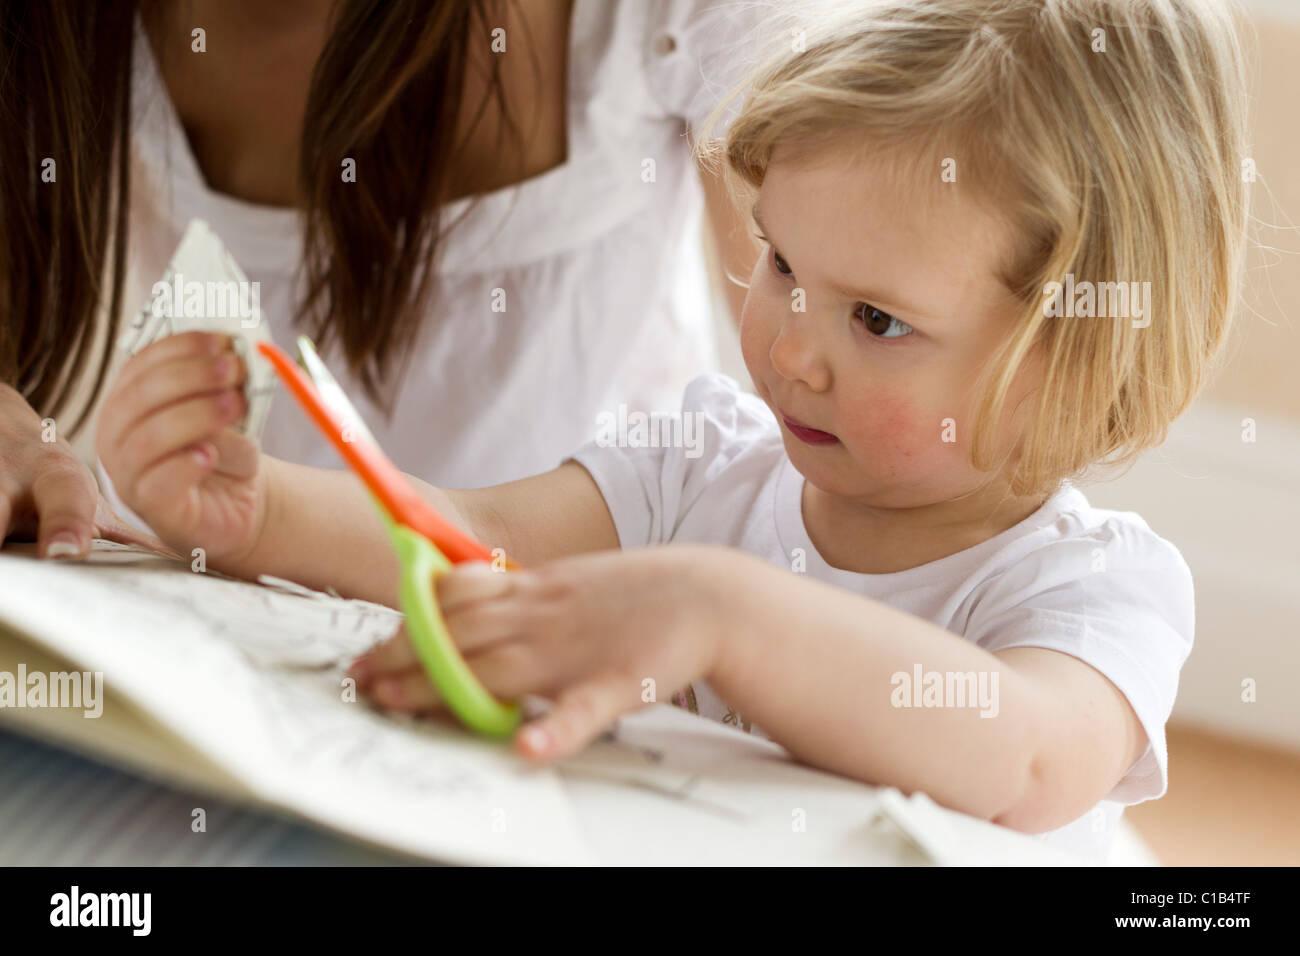 Bambino utilizzando delle forbici Immagini Stock